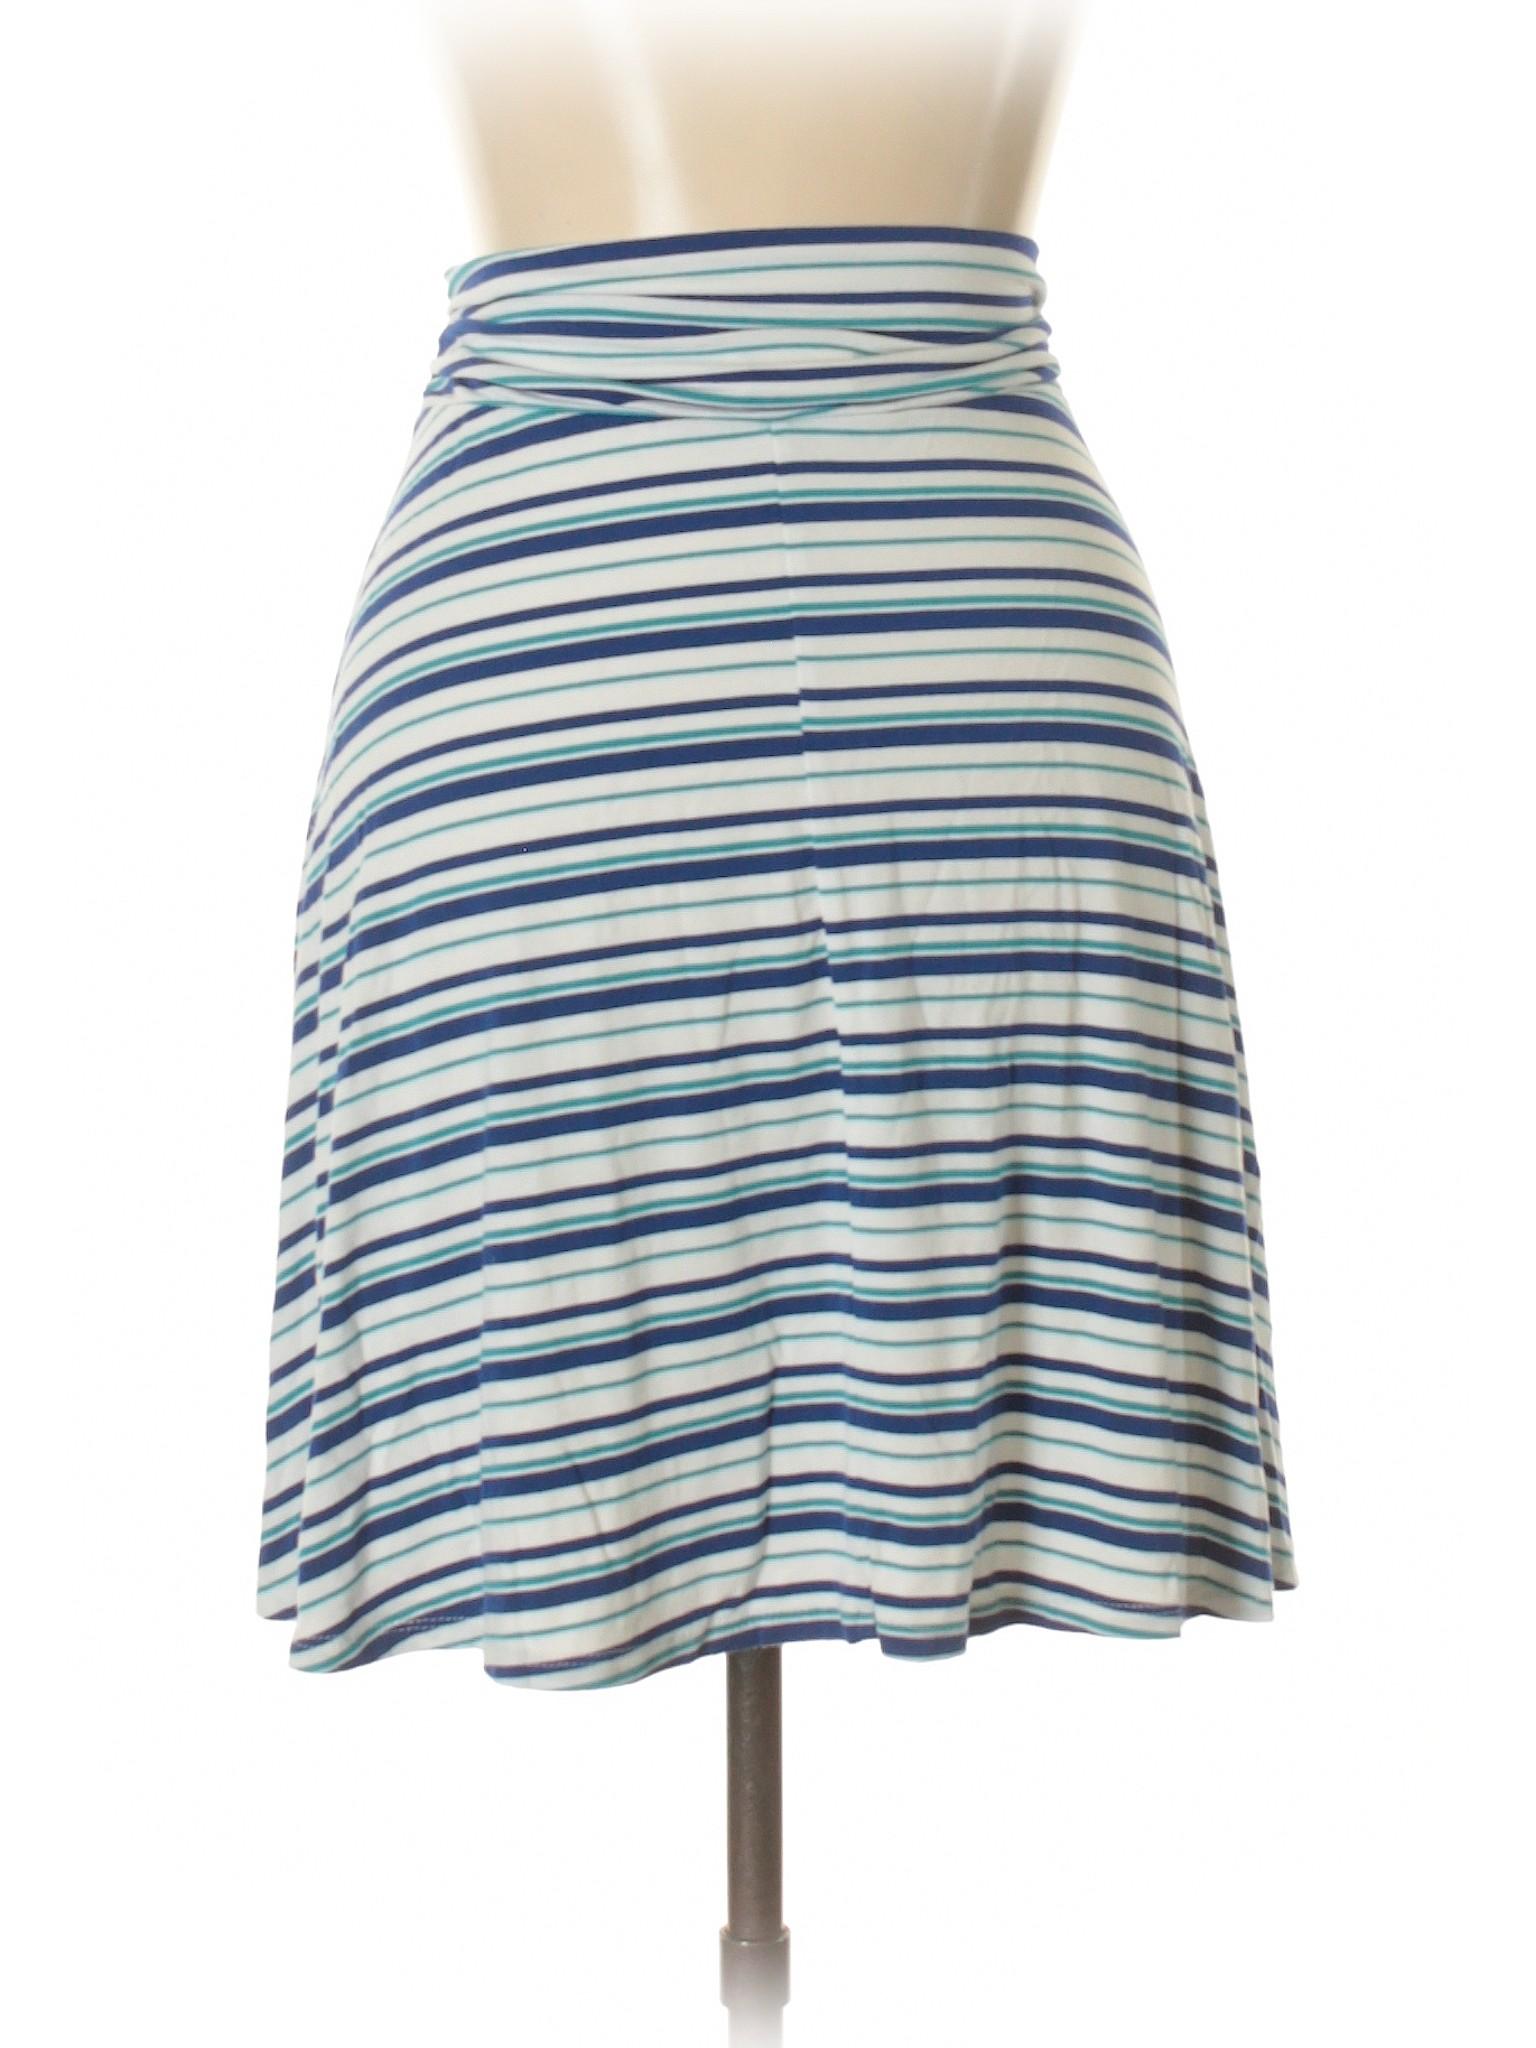 Boutique Skirt Boutique Skirt Boutique Boutique Skirt Boutique Casual Casual Skirt Casual Casual gPpnrPW